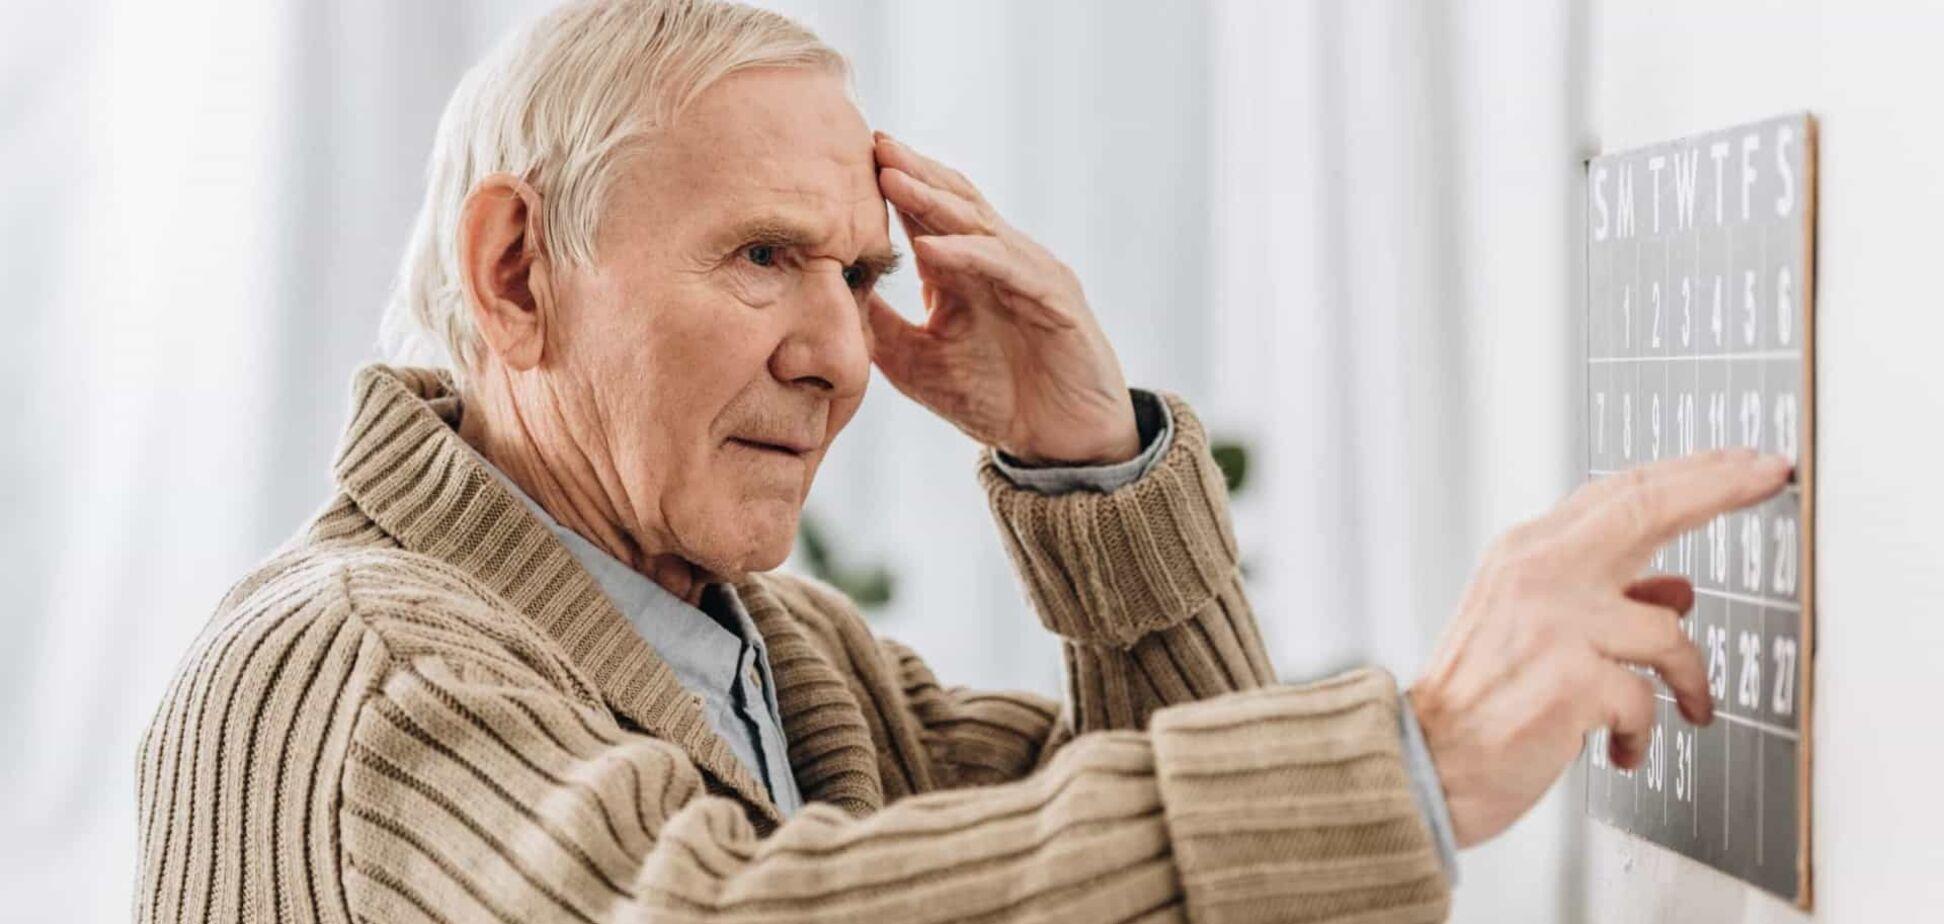 Деменция с ранним началом: что известно о распространенности болезни